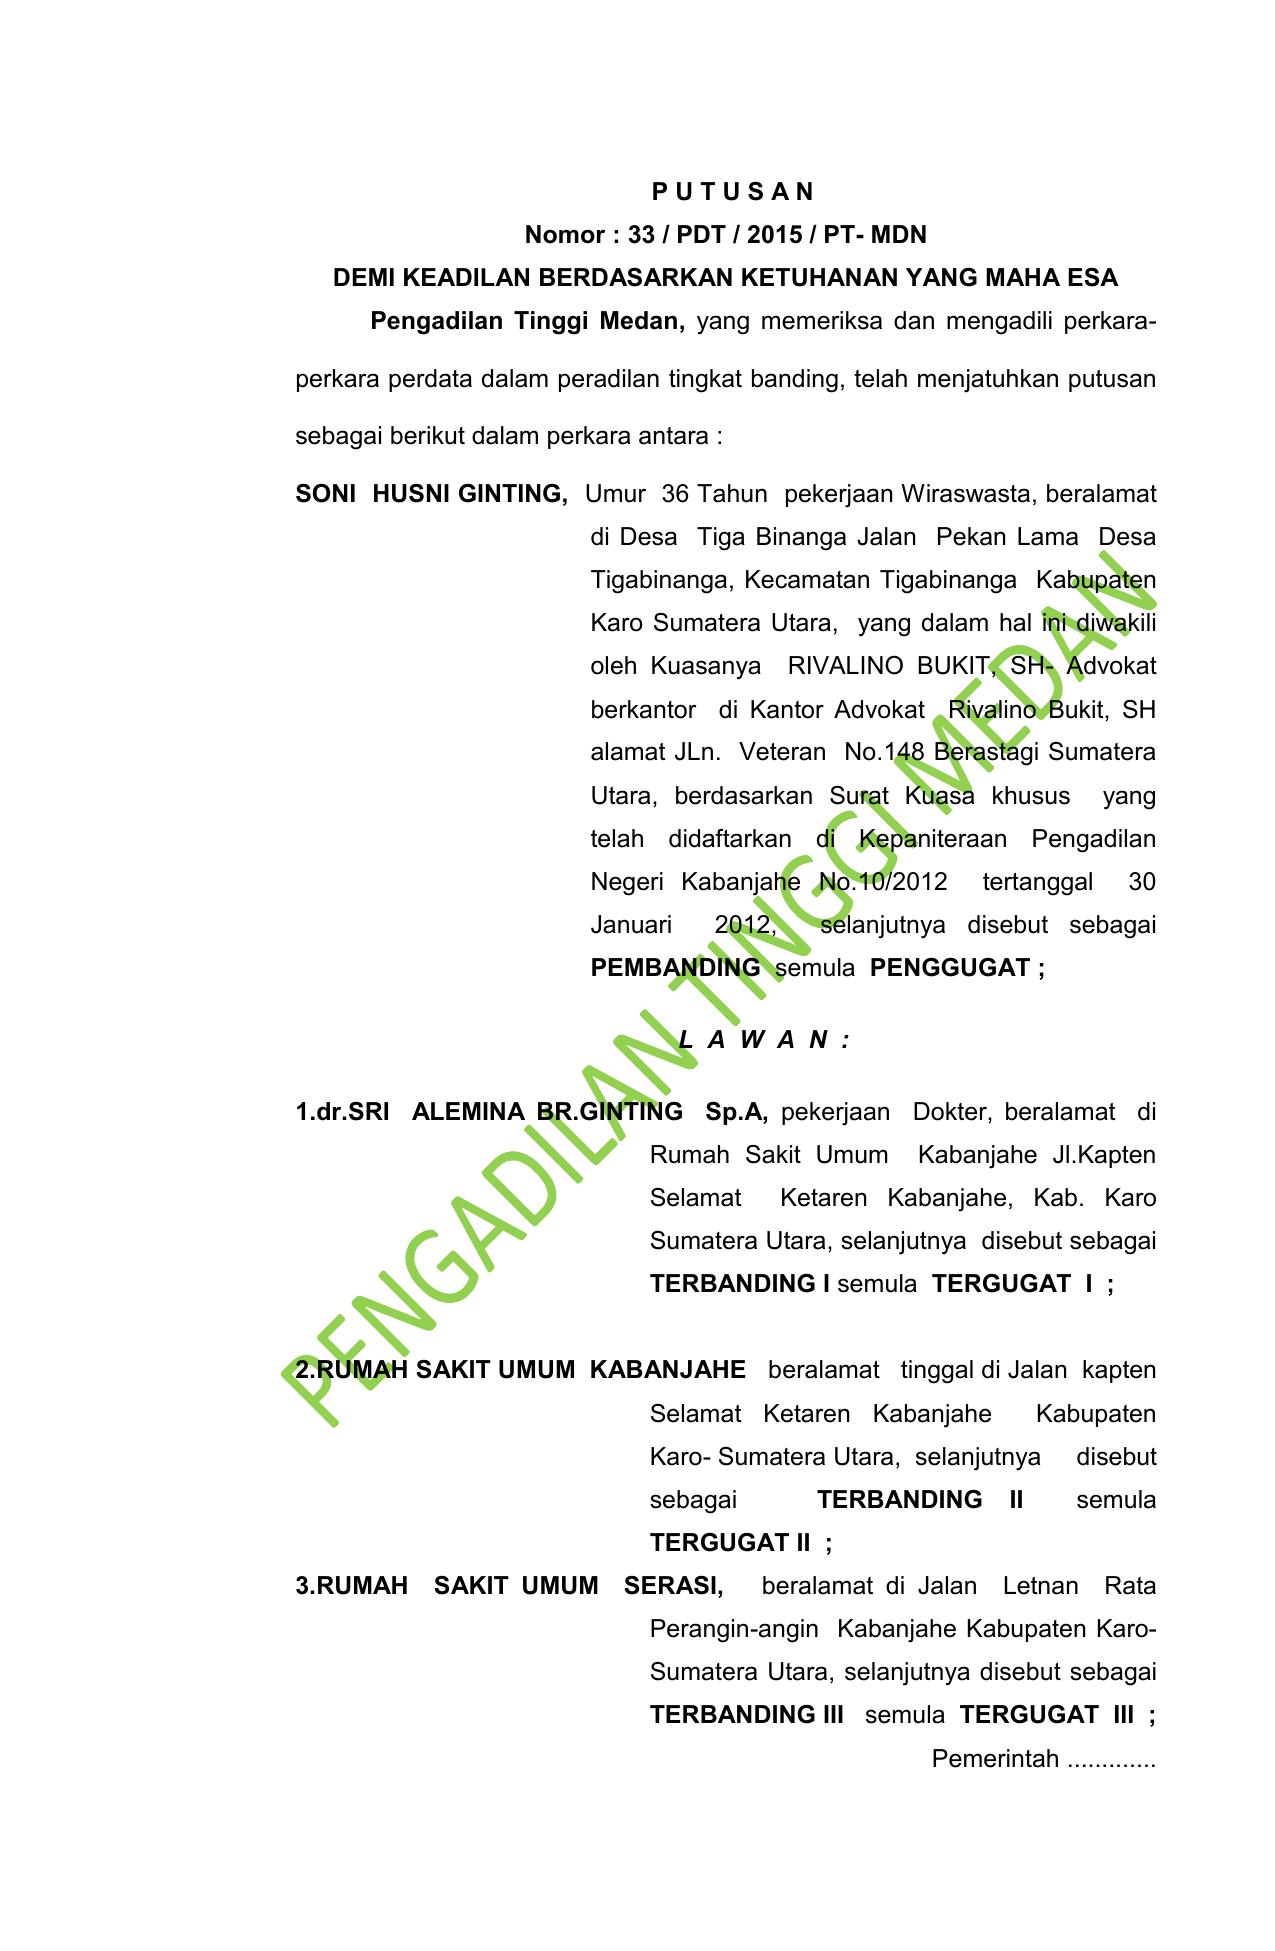 P U T U S A N Pengadilan Tinggi Medan